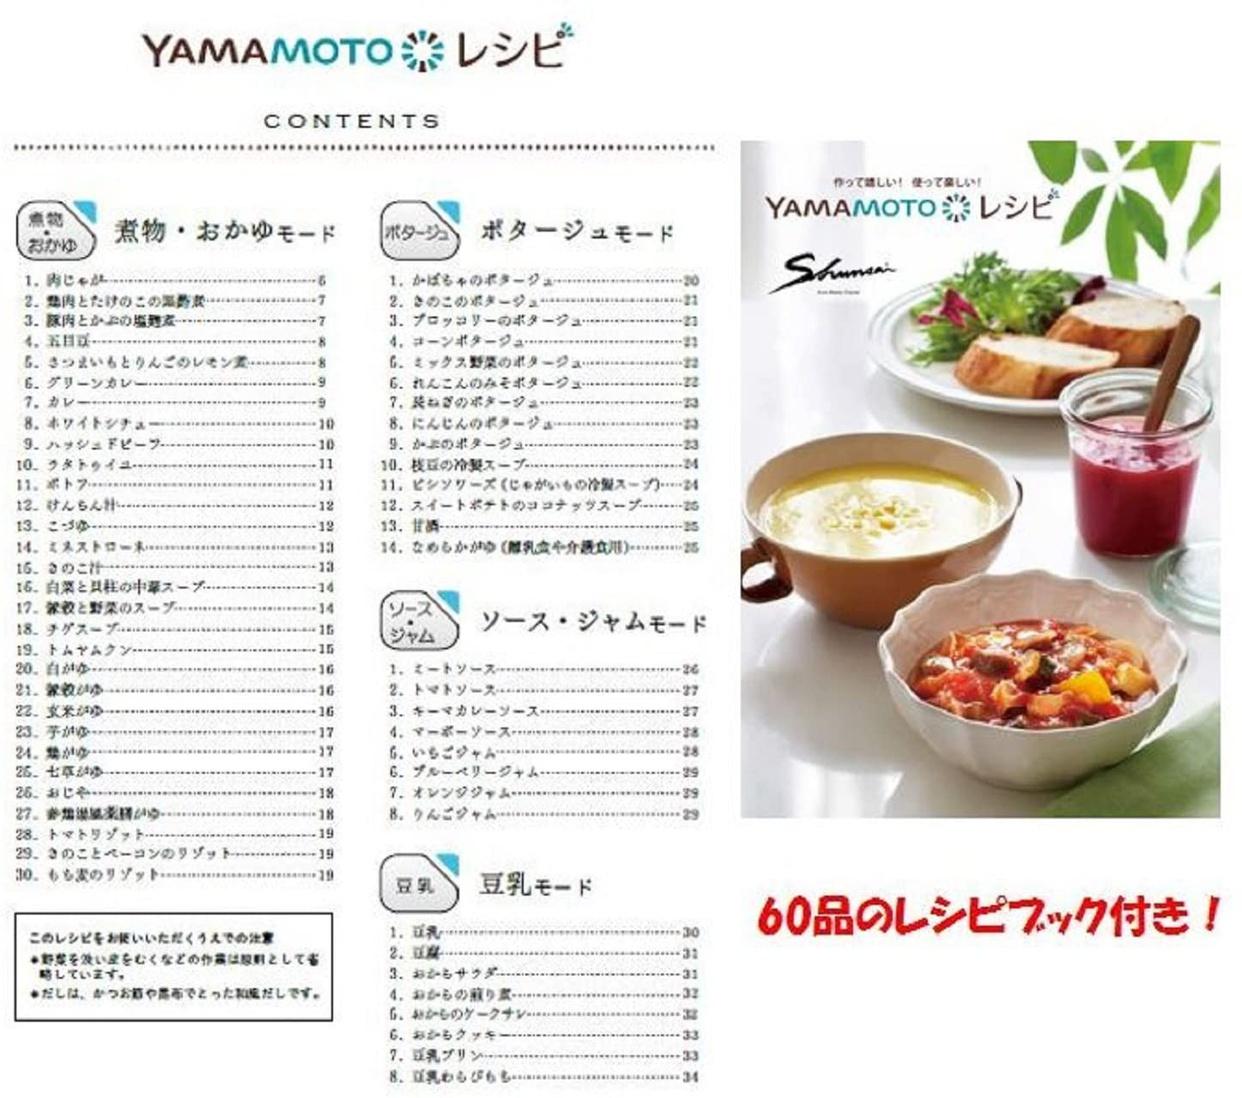 山本電気(YAMAMOTO) クックマスター Shunsai 旬彩 CM61Wの商品画像7